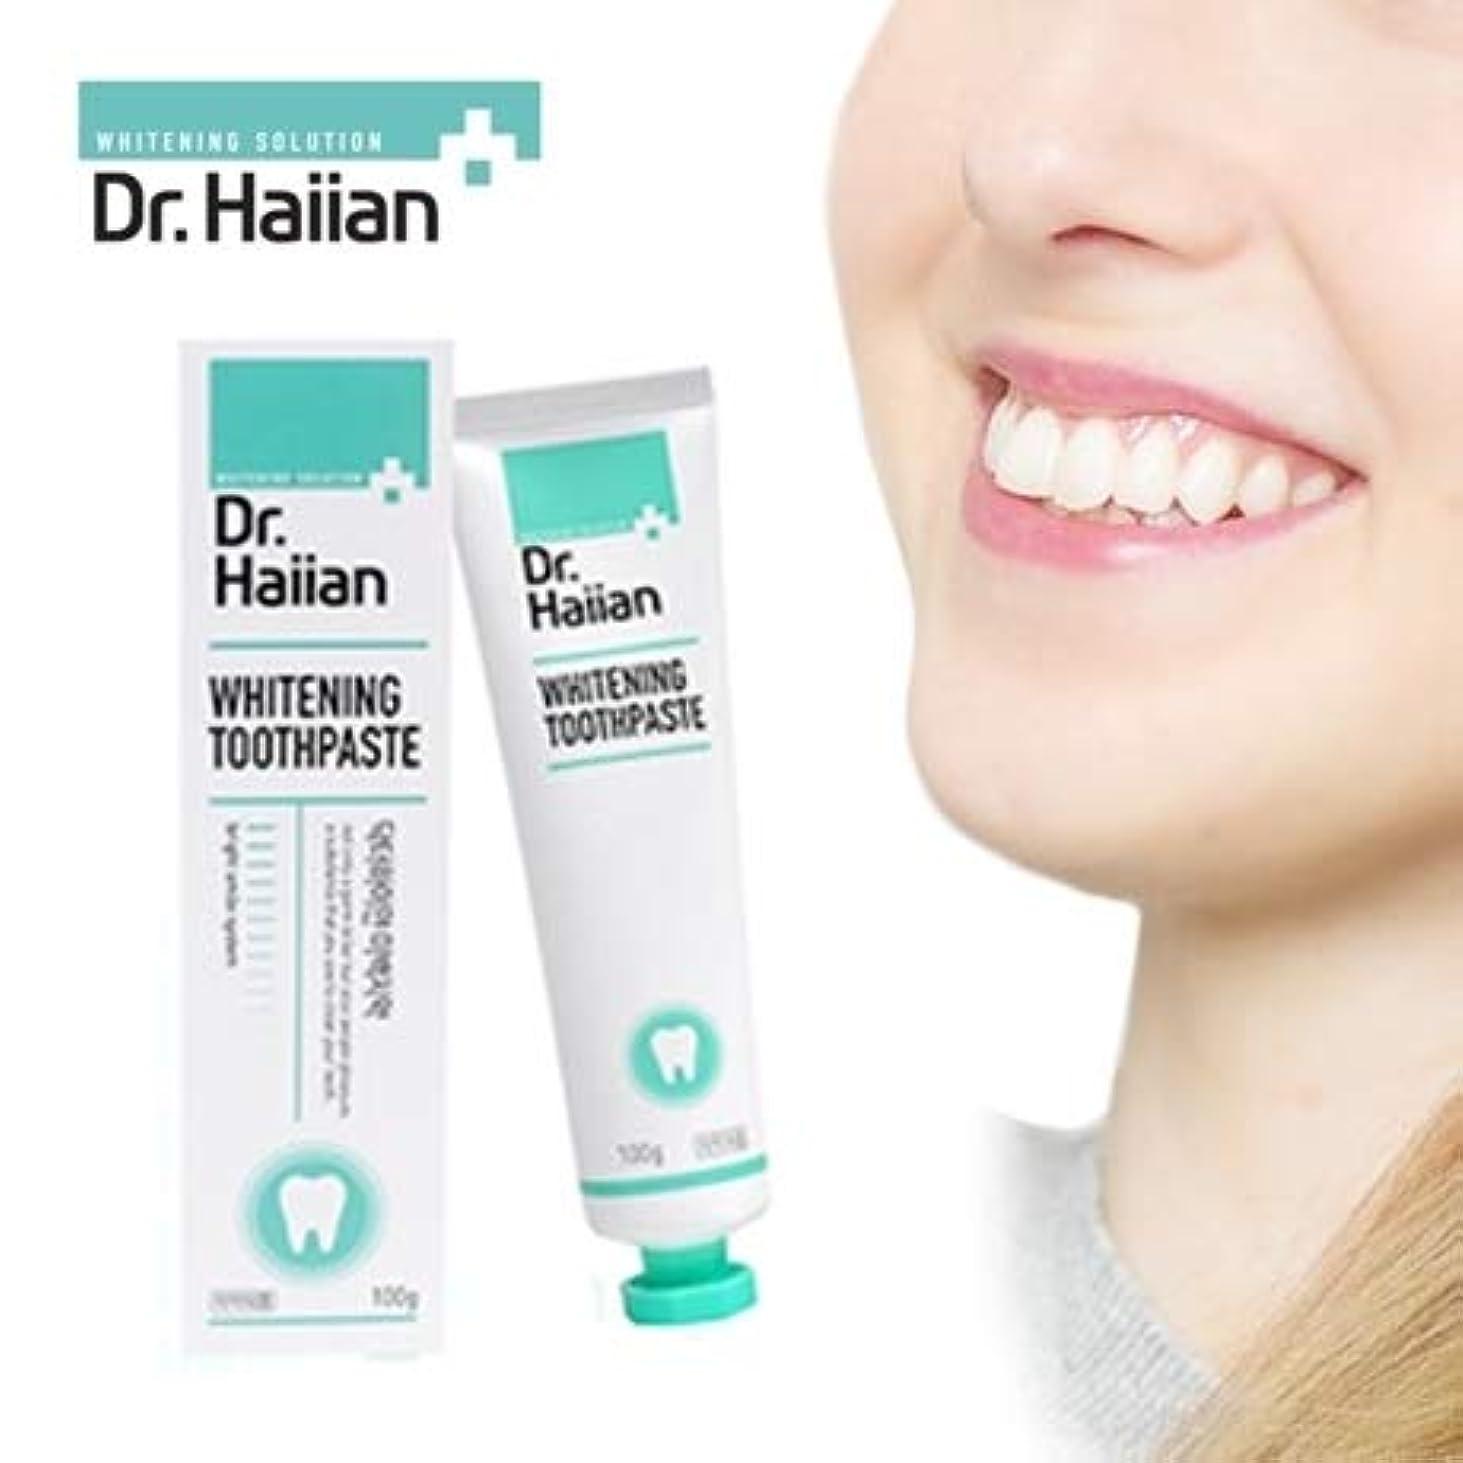 ドールアメリカストレッチDr.Haiian WHITENING TOOTHPASTE ホワイトニング歯磨き粉 100g,韩国正品